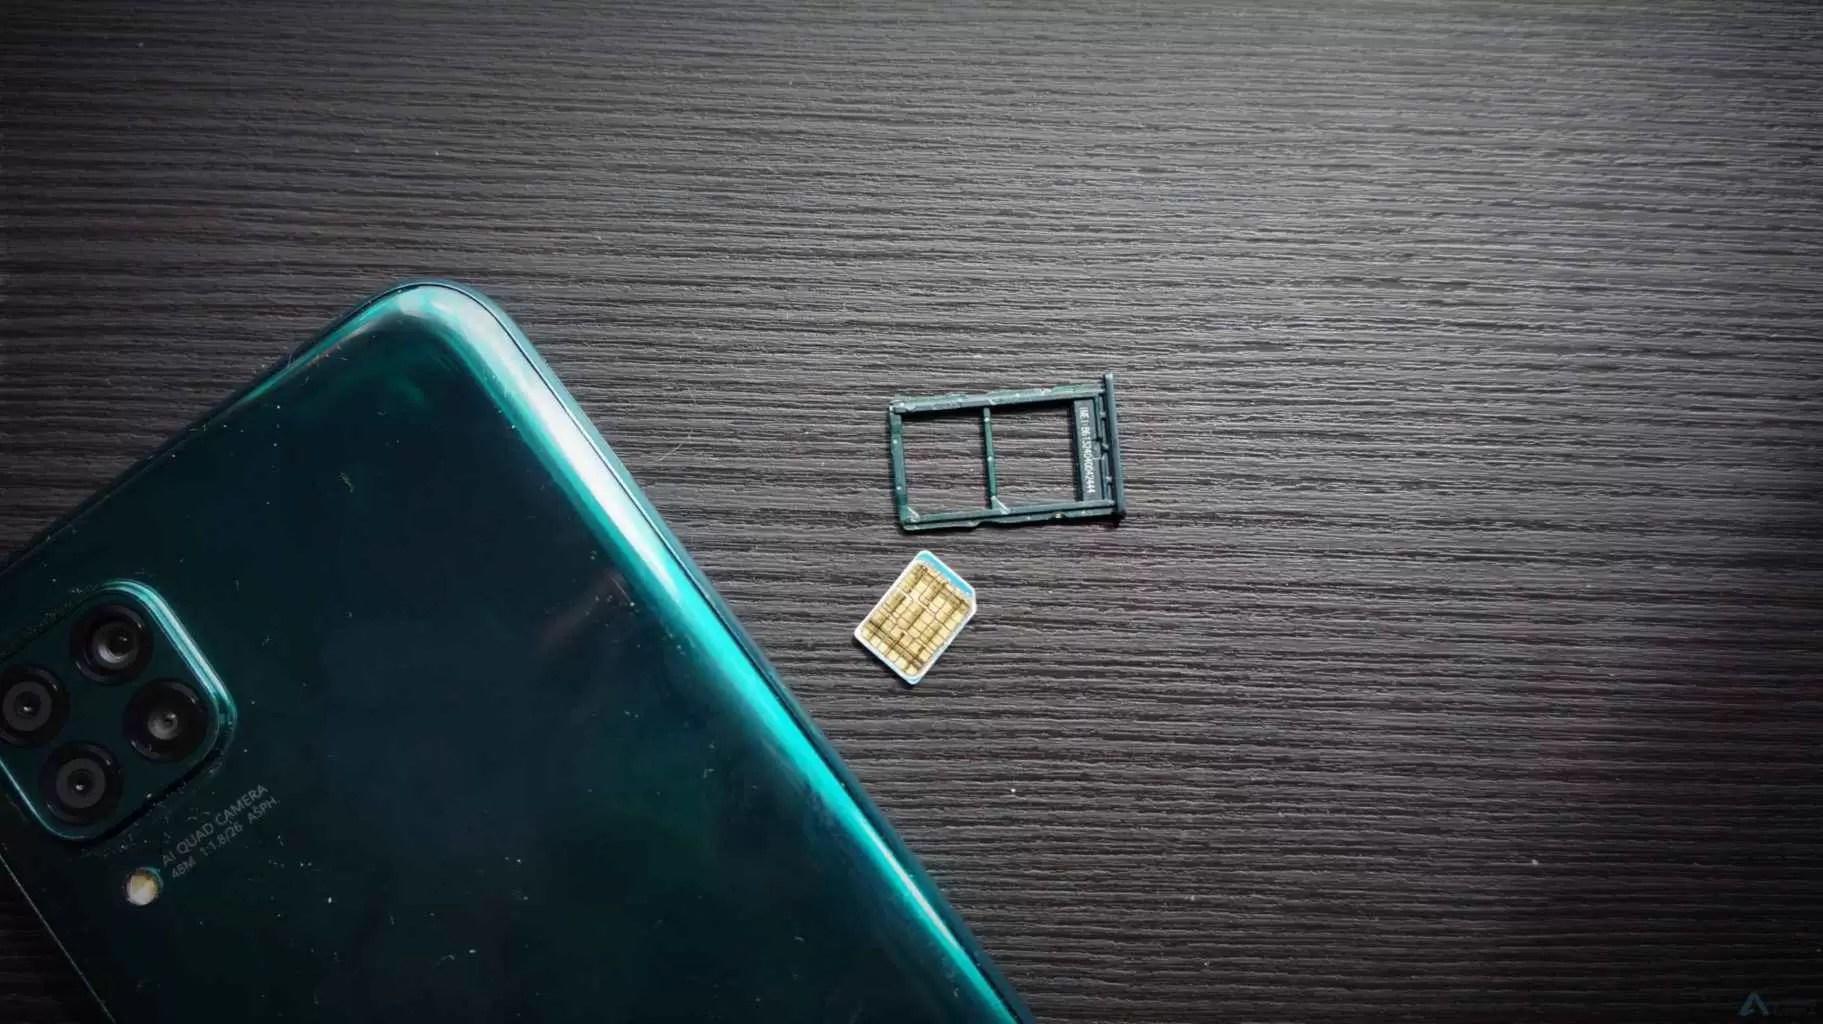 Huawei P40 Lite nhận được bản cập nhật bảo mật EMUI tháng 4 1